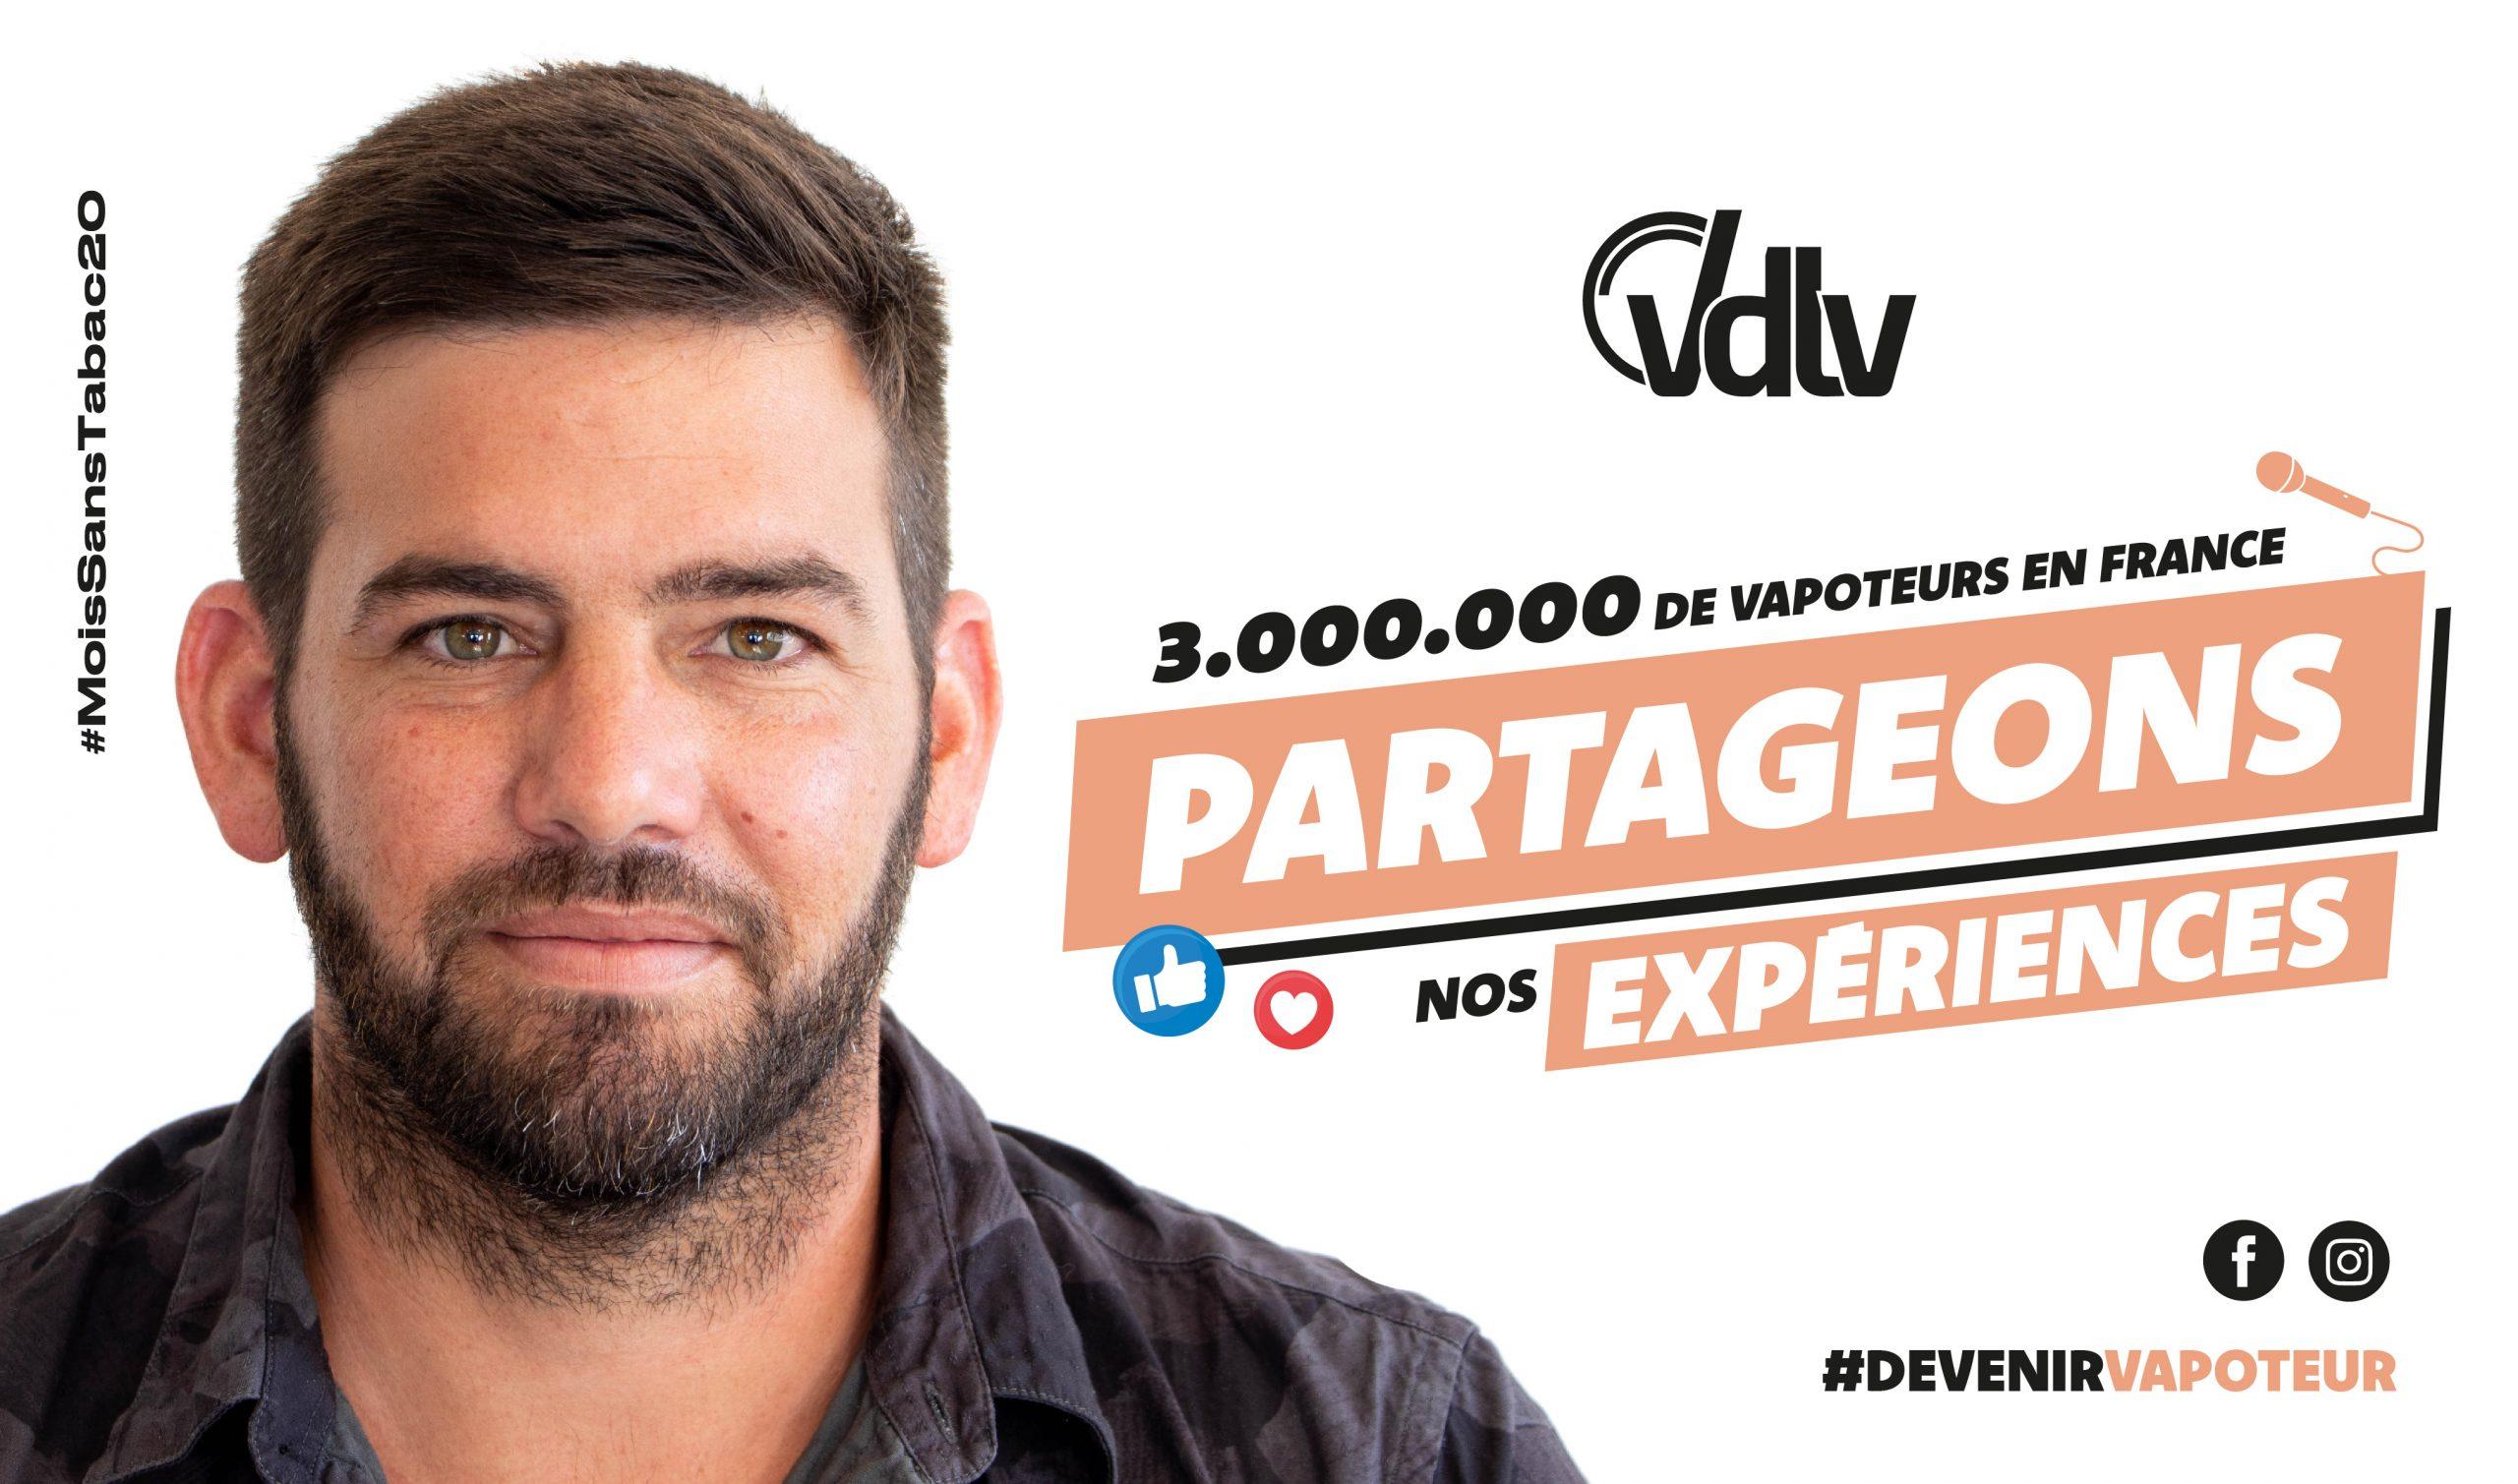 VDLV participe au mois sans tabac 2020